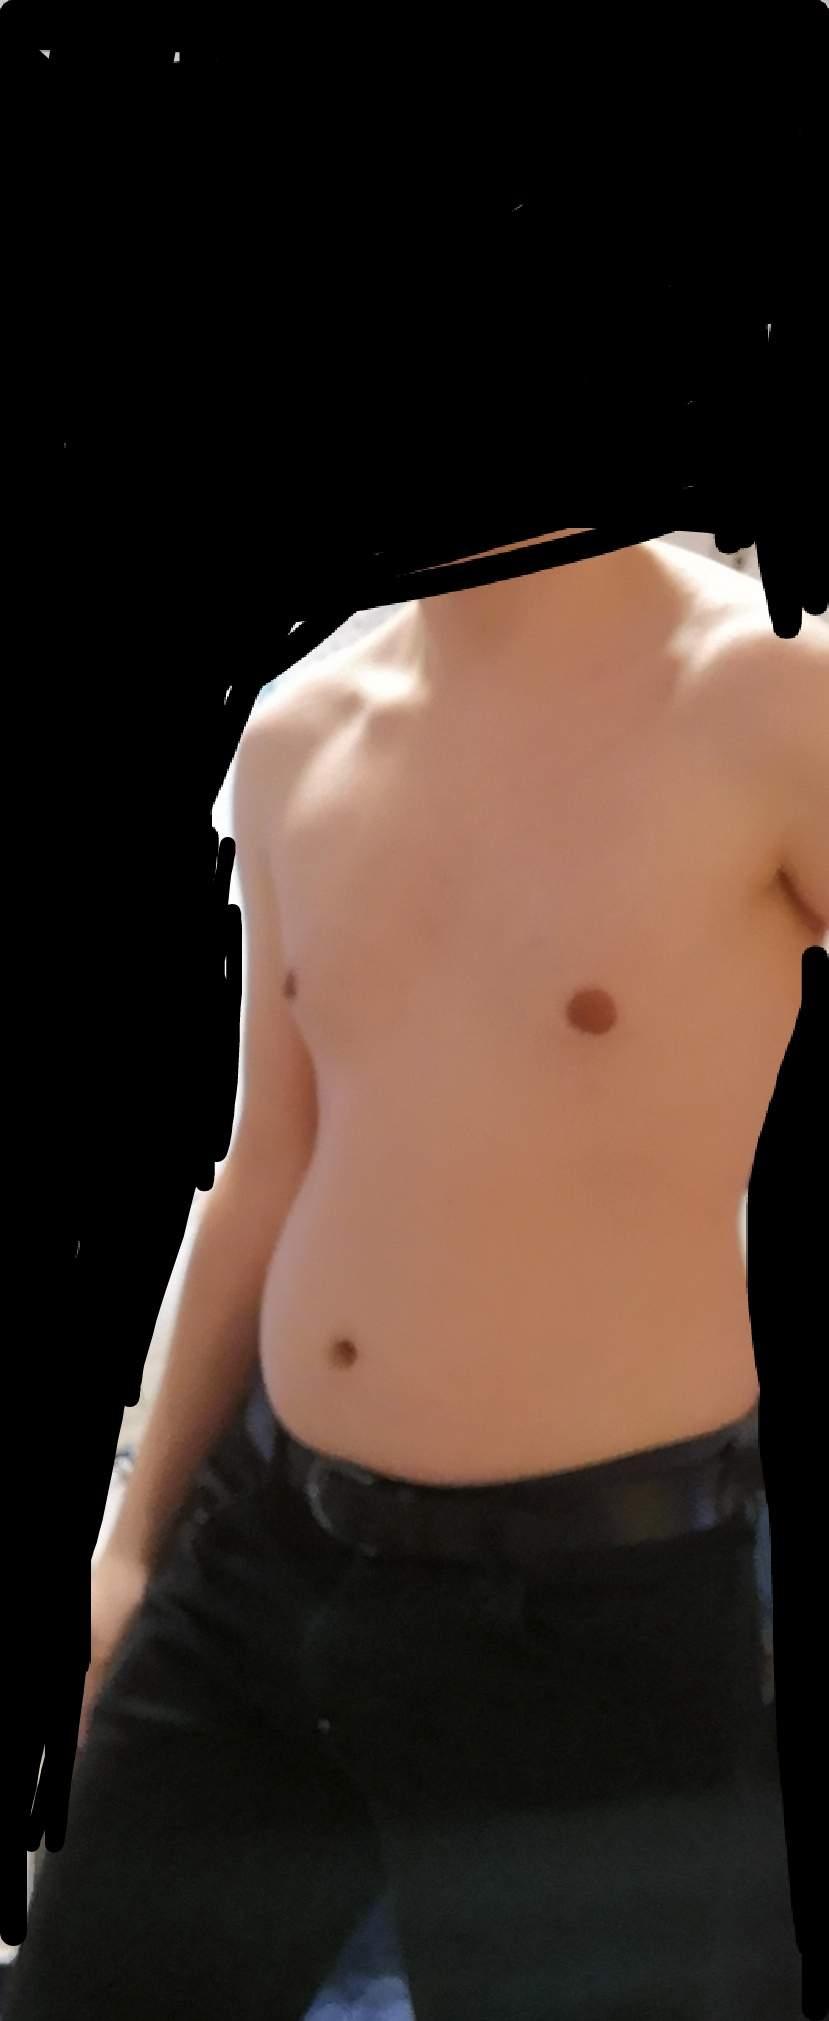 Nackt mutprobe gute frage Süße Gute